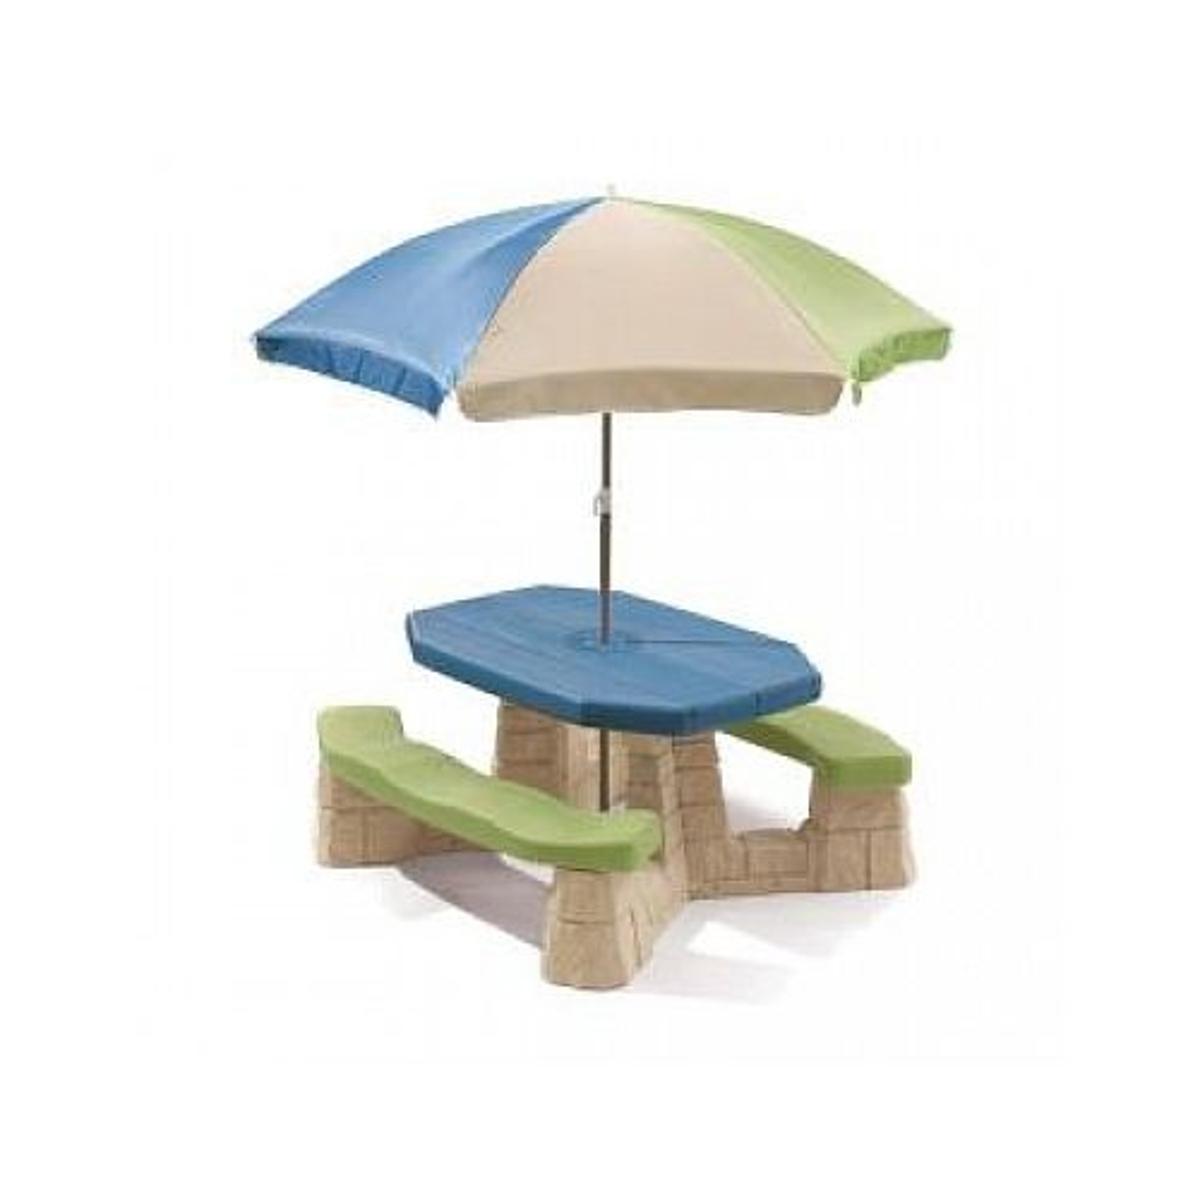 Table picnic avec parasol haut socle beige